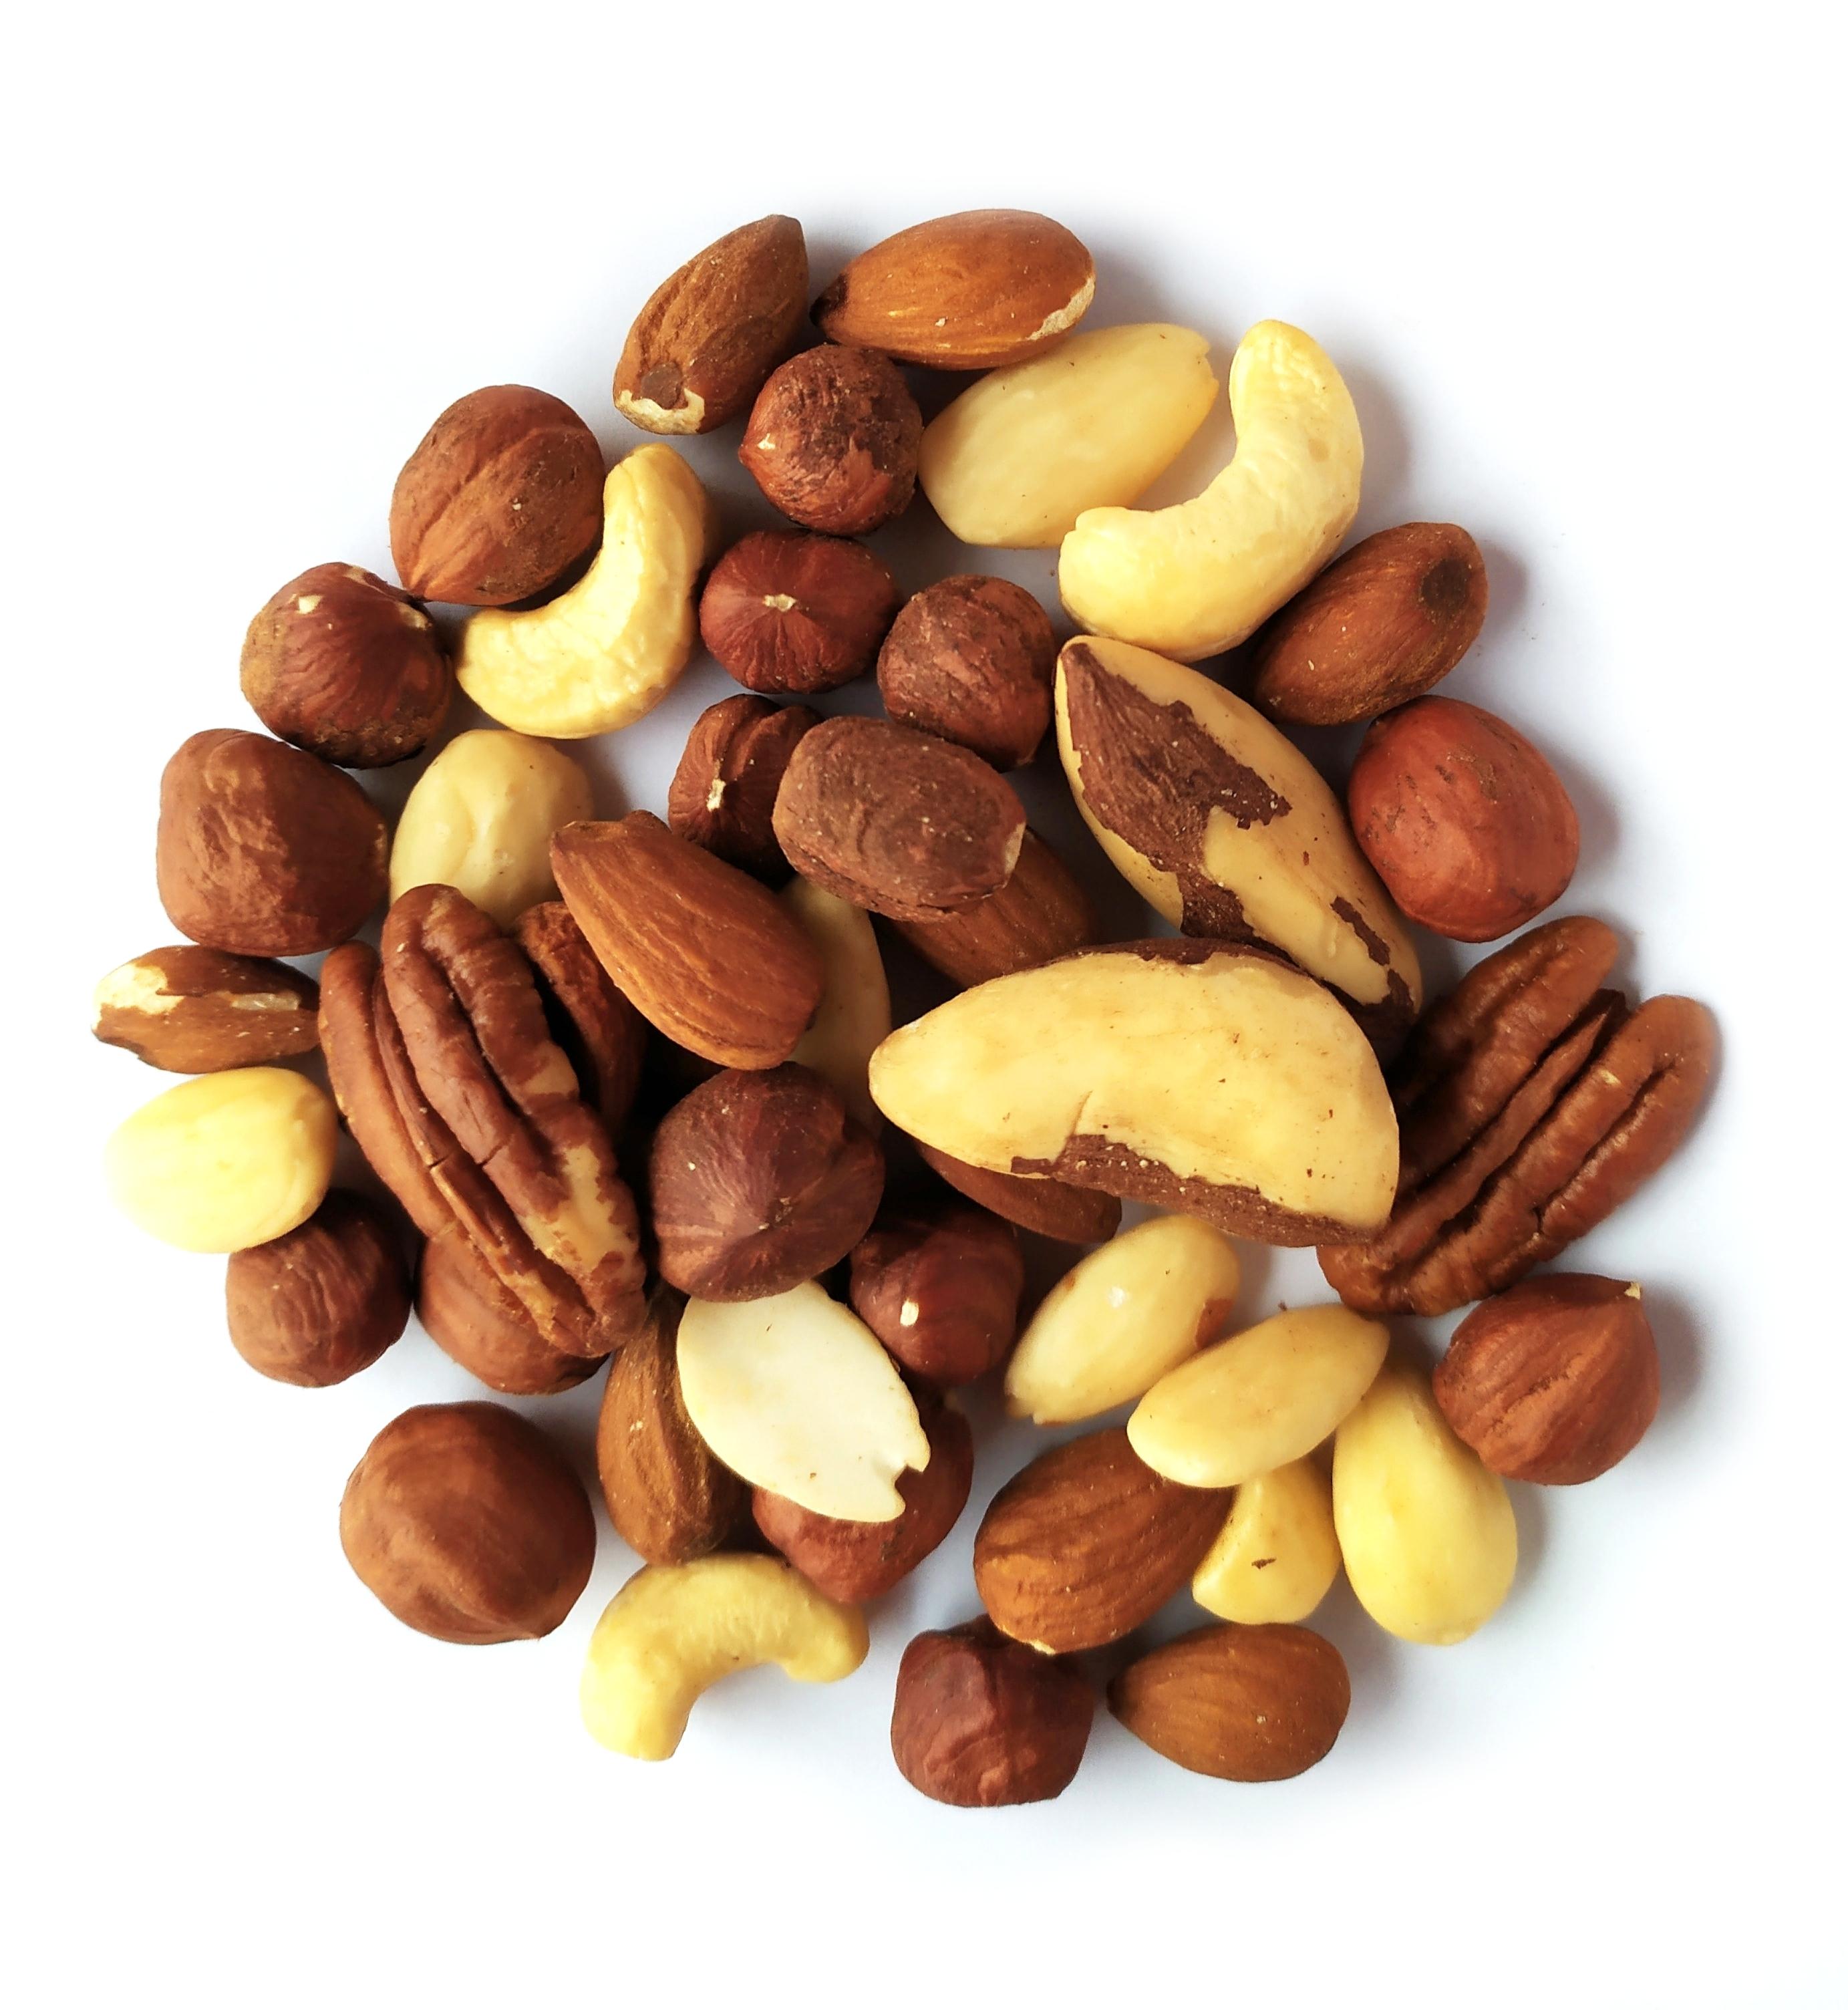 NOVINKA - Směs ořechů